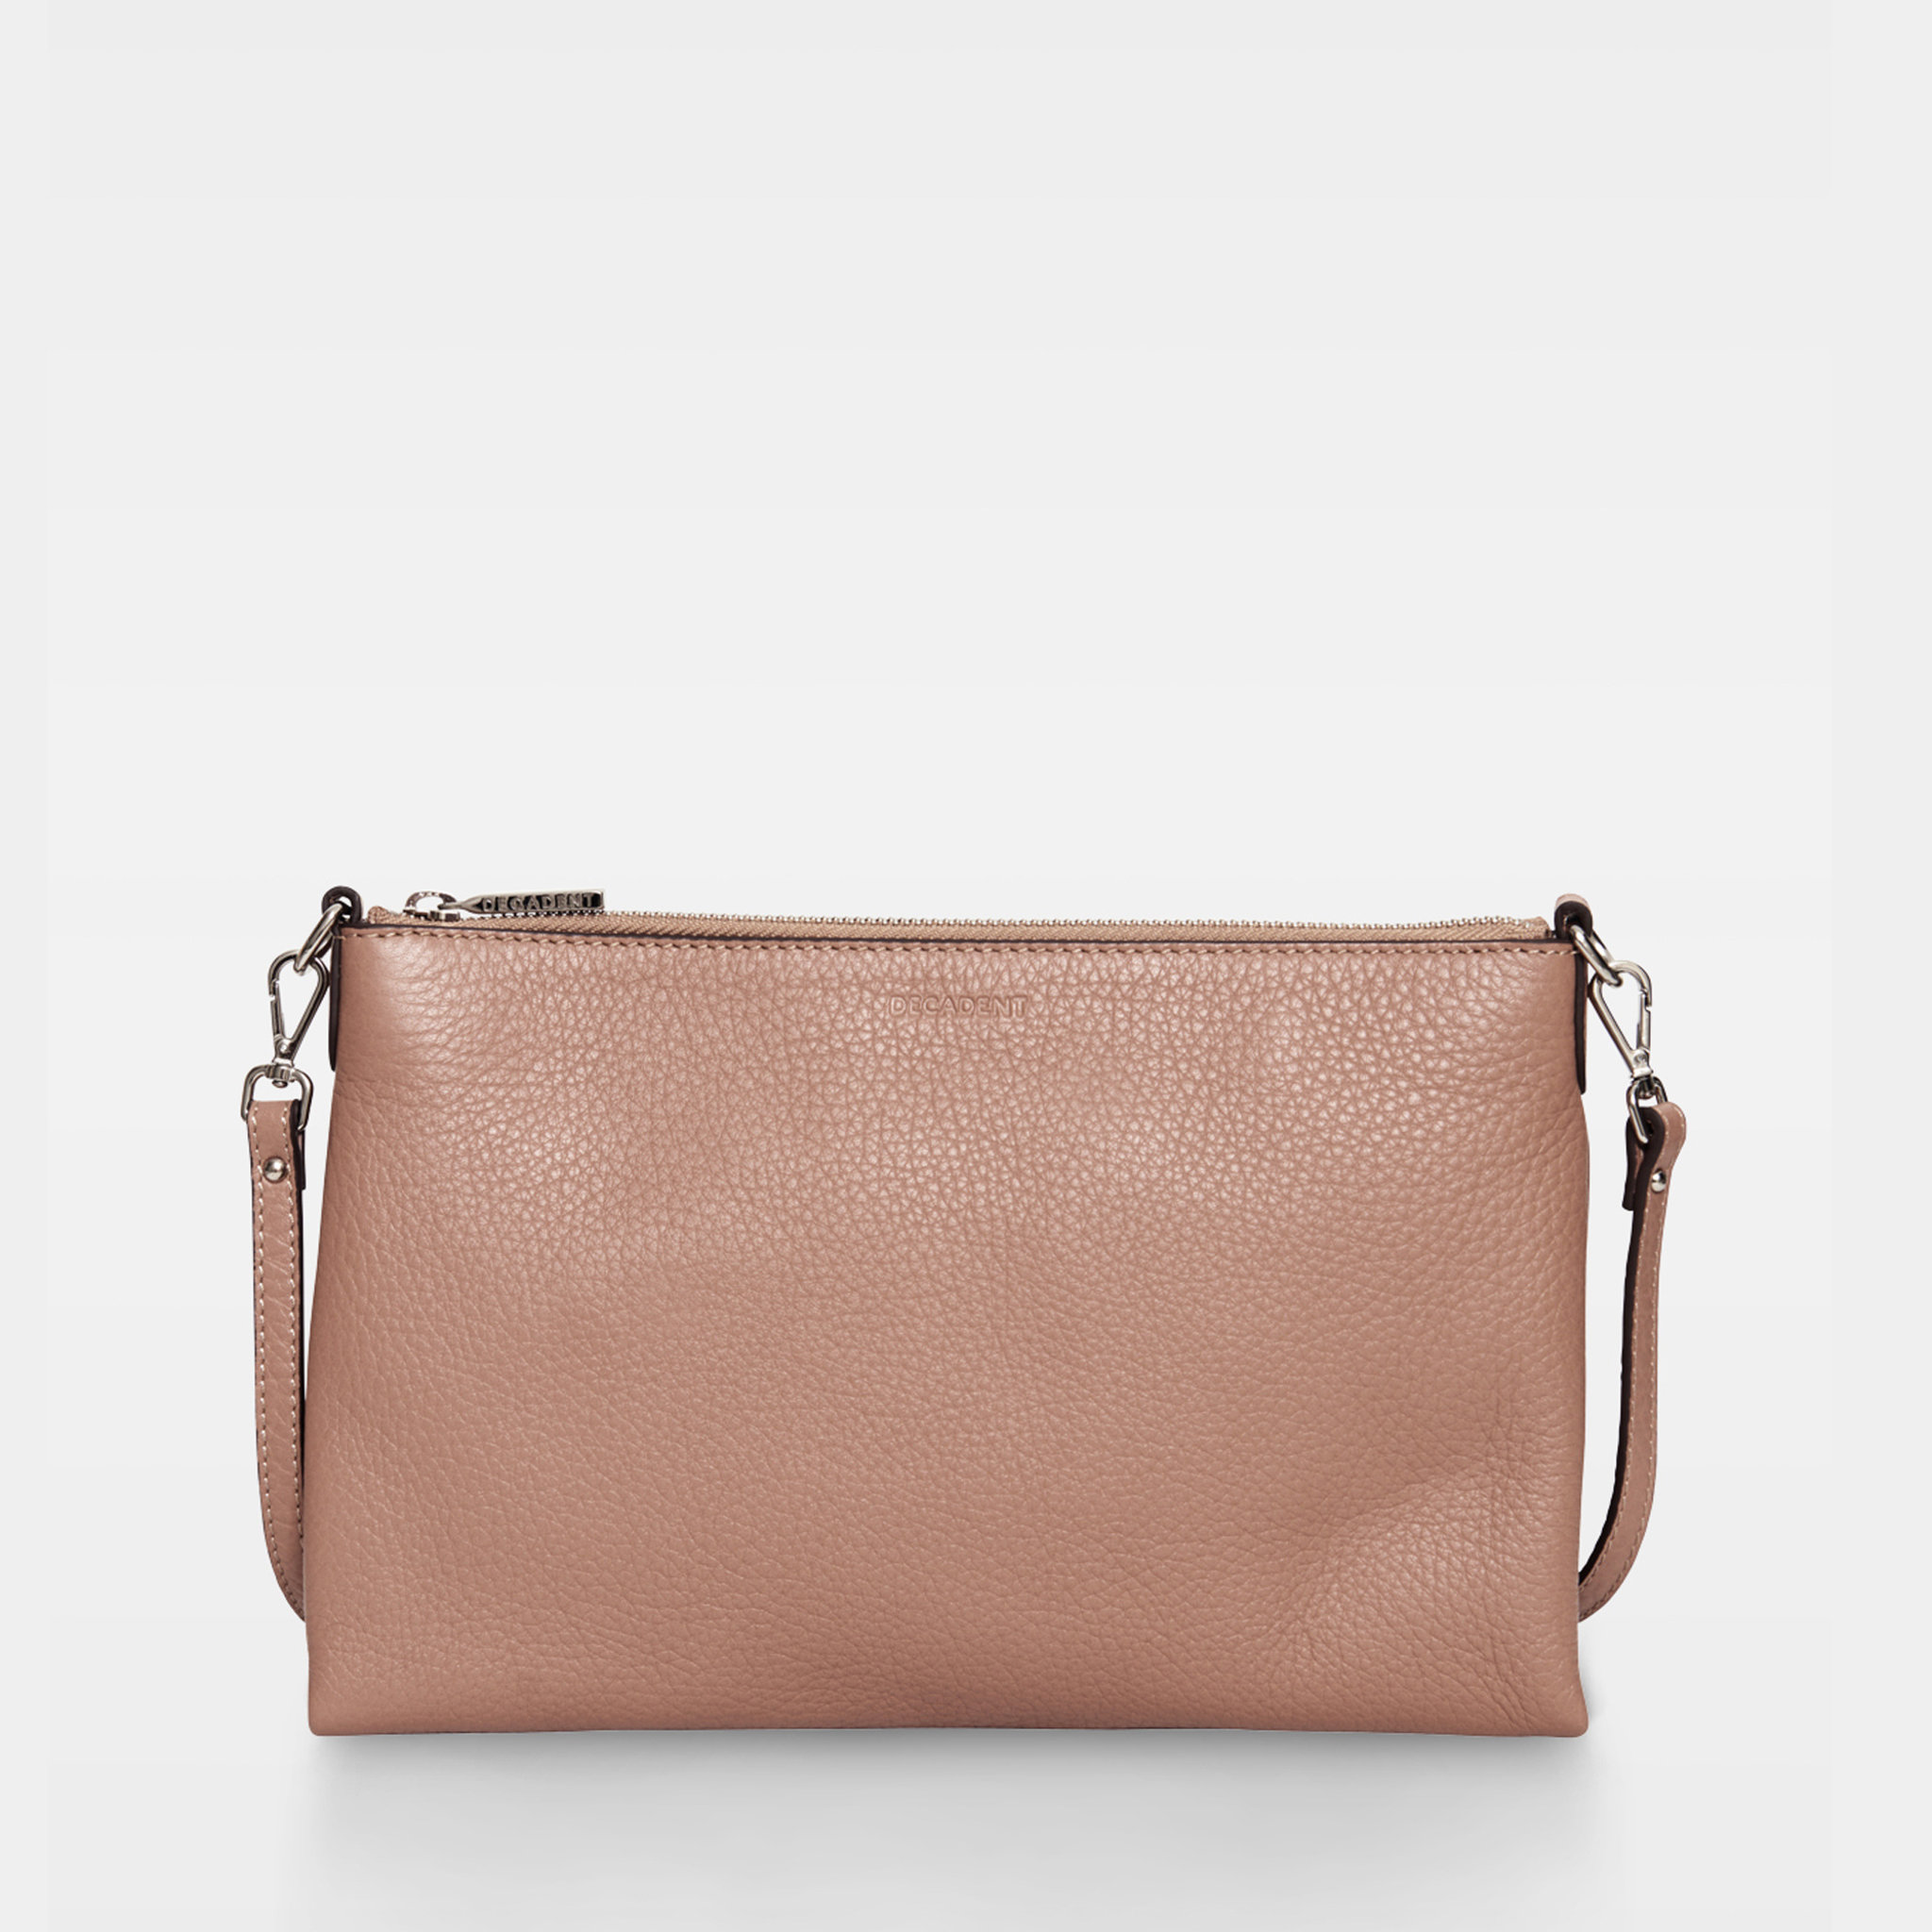 Small Flat Cross Body - Handväskor - Köp online på åhlens.se! 8ea71a6ca29d7